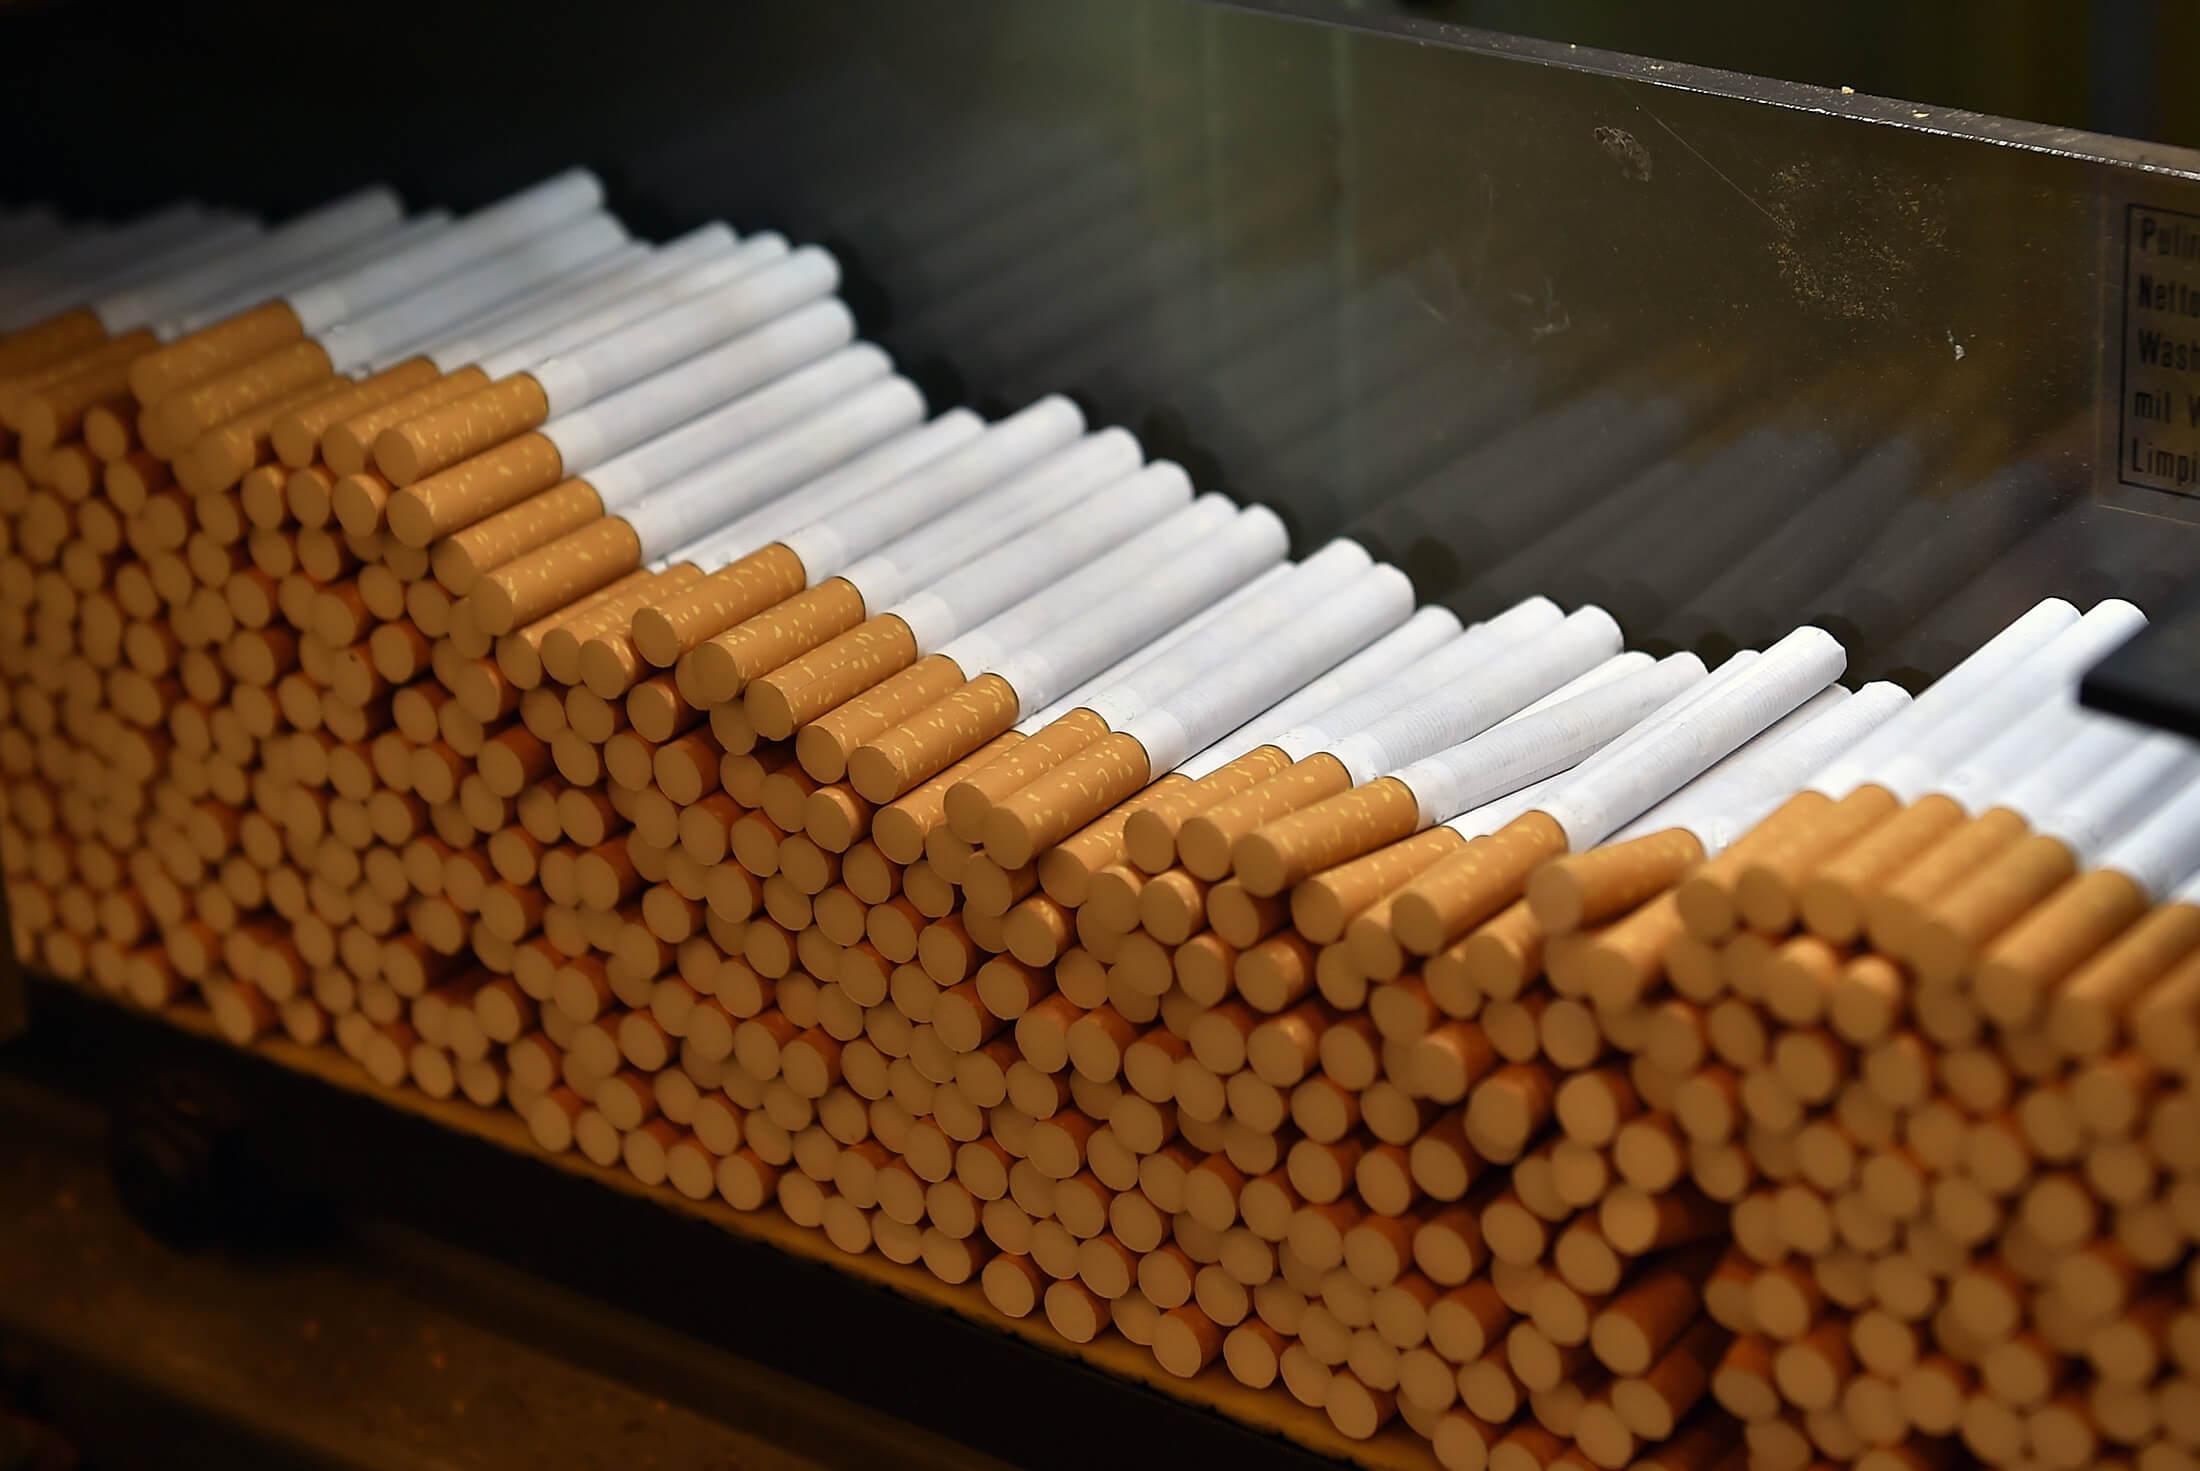 تولید سیگار- روند بازار